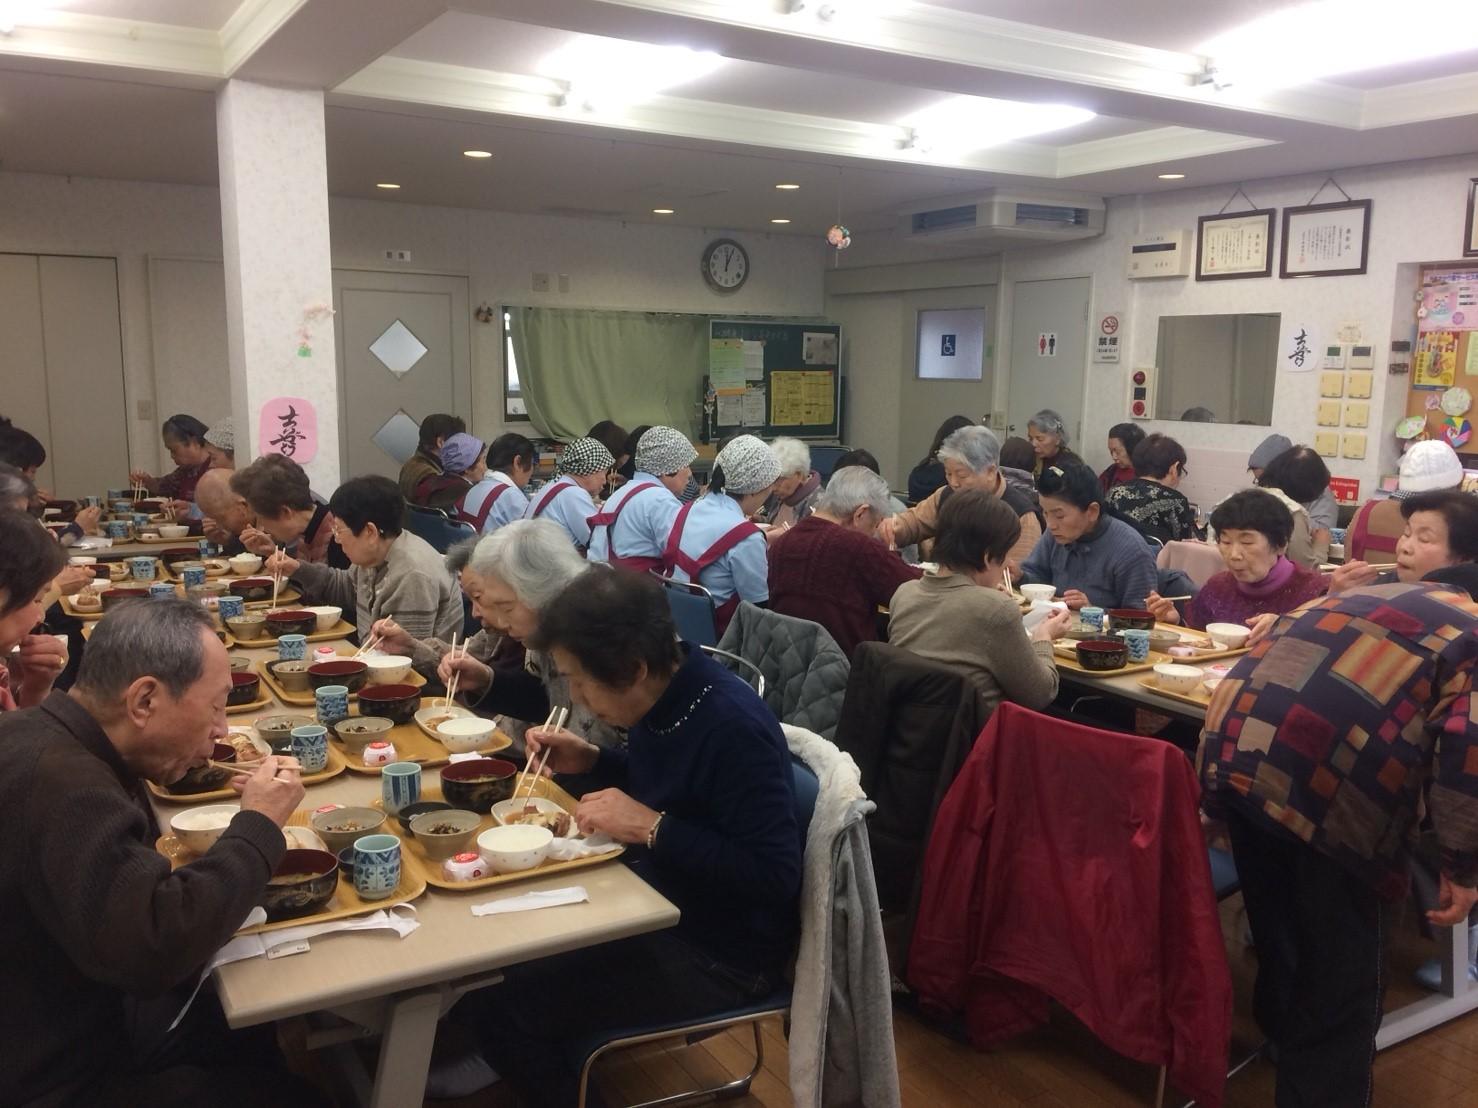 食事サービス (2)